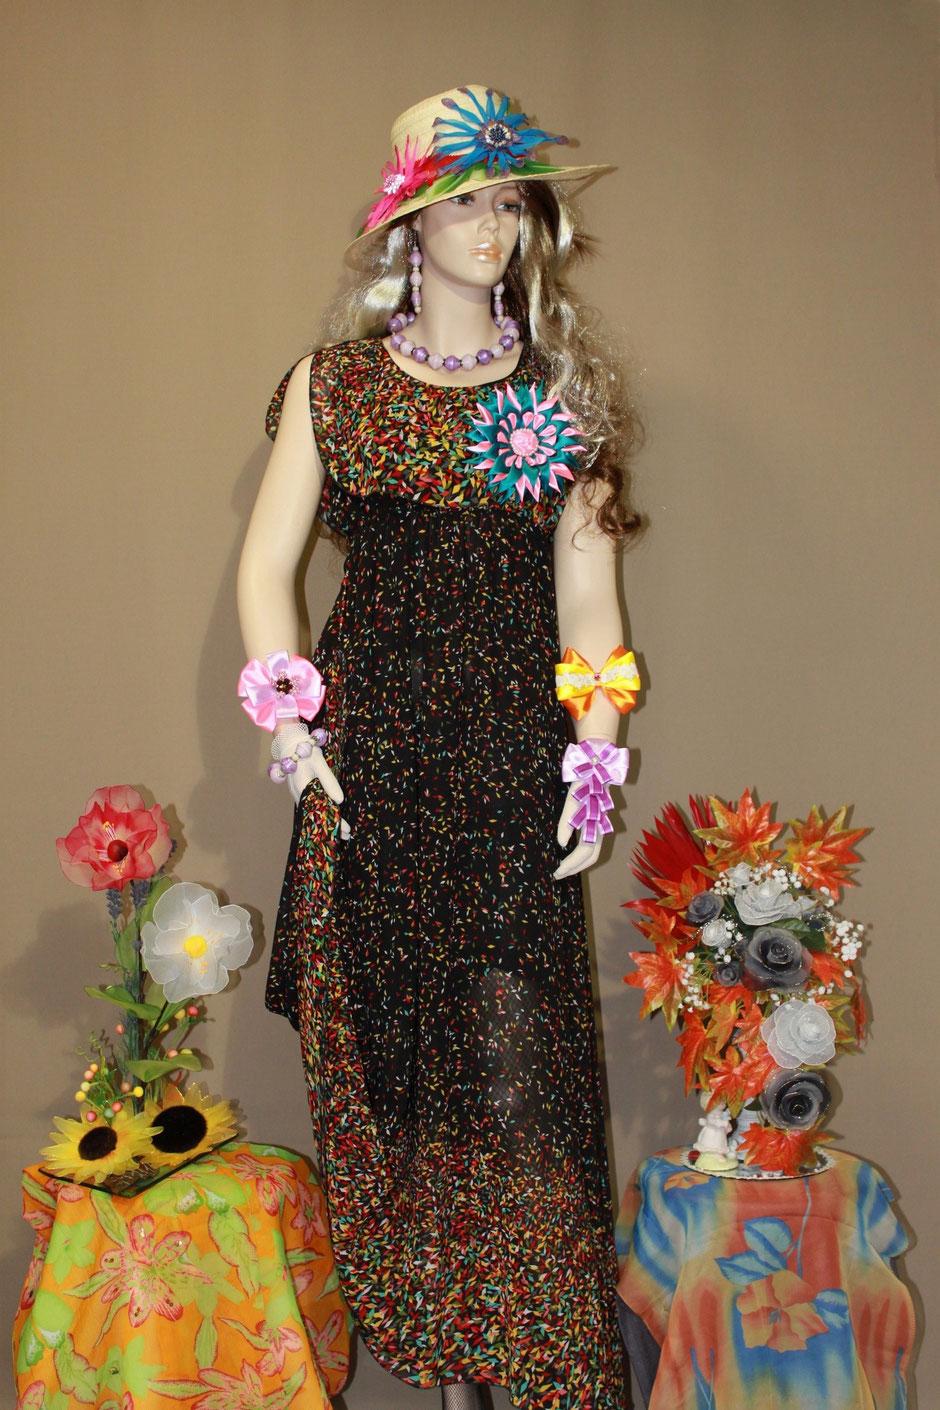 Baptême,communion,mariage,cérémonie,flower,fleur,thème,conception,art,artiste,idée cadeau,mode,femme,enfant,accessoire